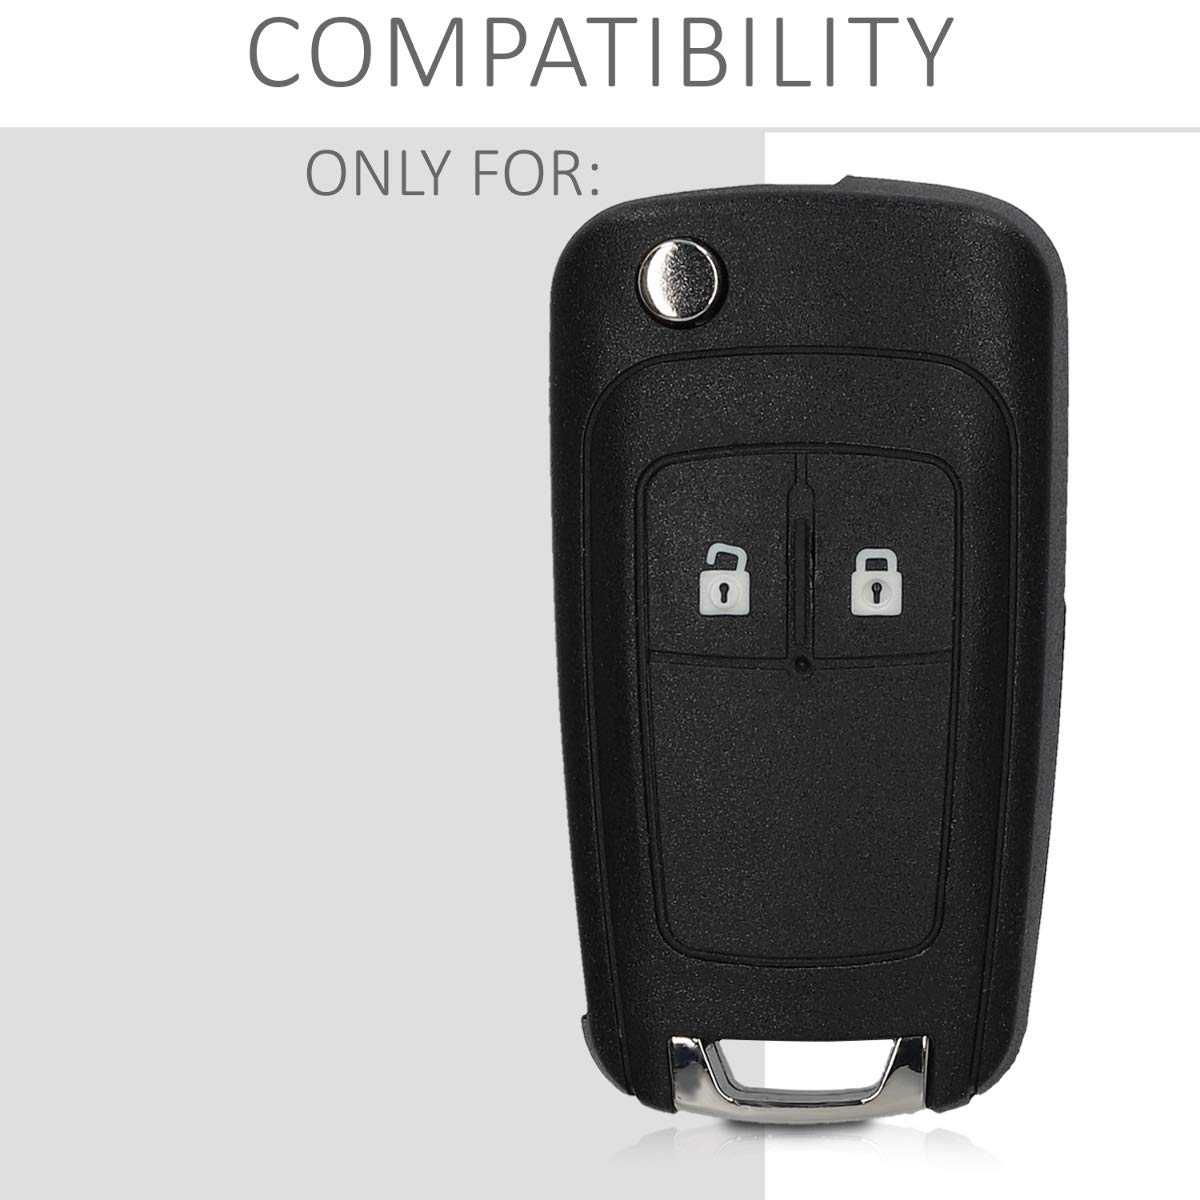 Repuesto Protector de pl/ástico Duro para Mando Llave Plegable de 2 Botones para Coche Opel Negro kwmobile Funda Llave de Coche Opel